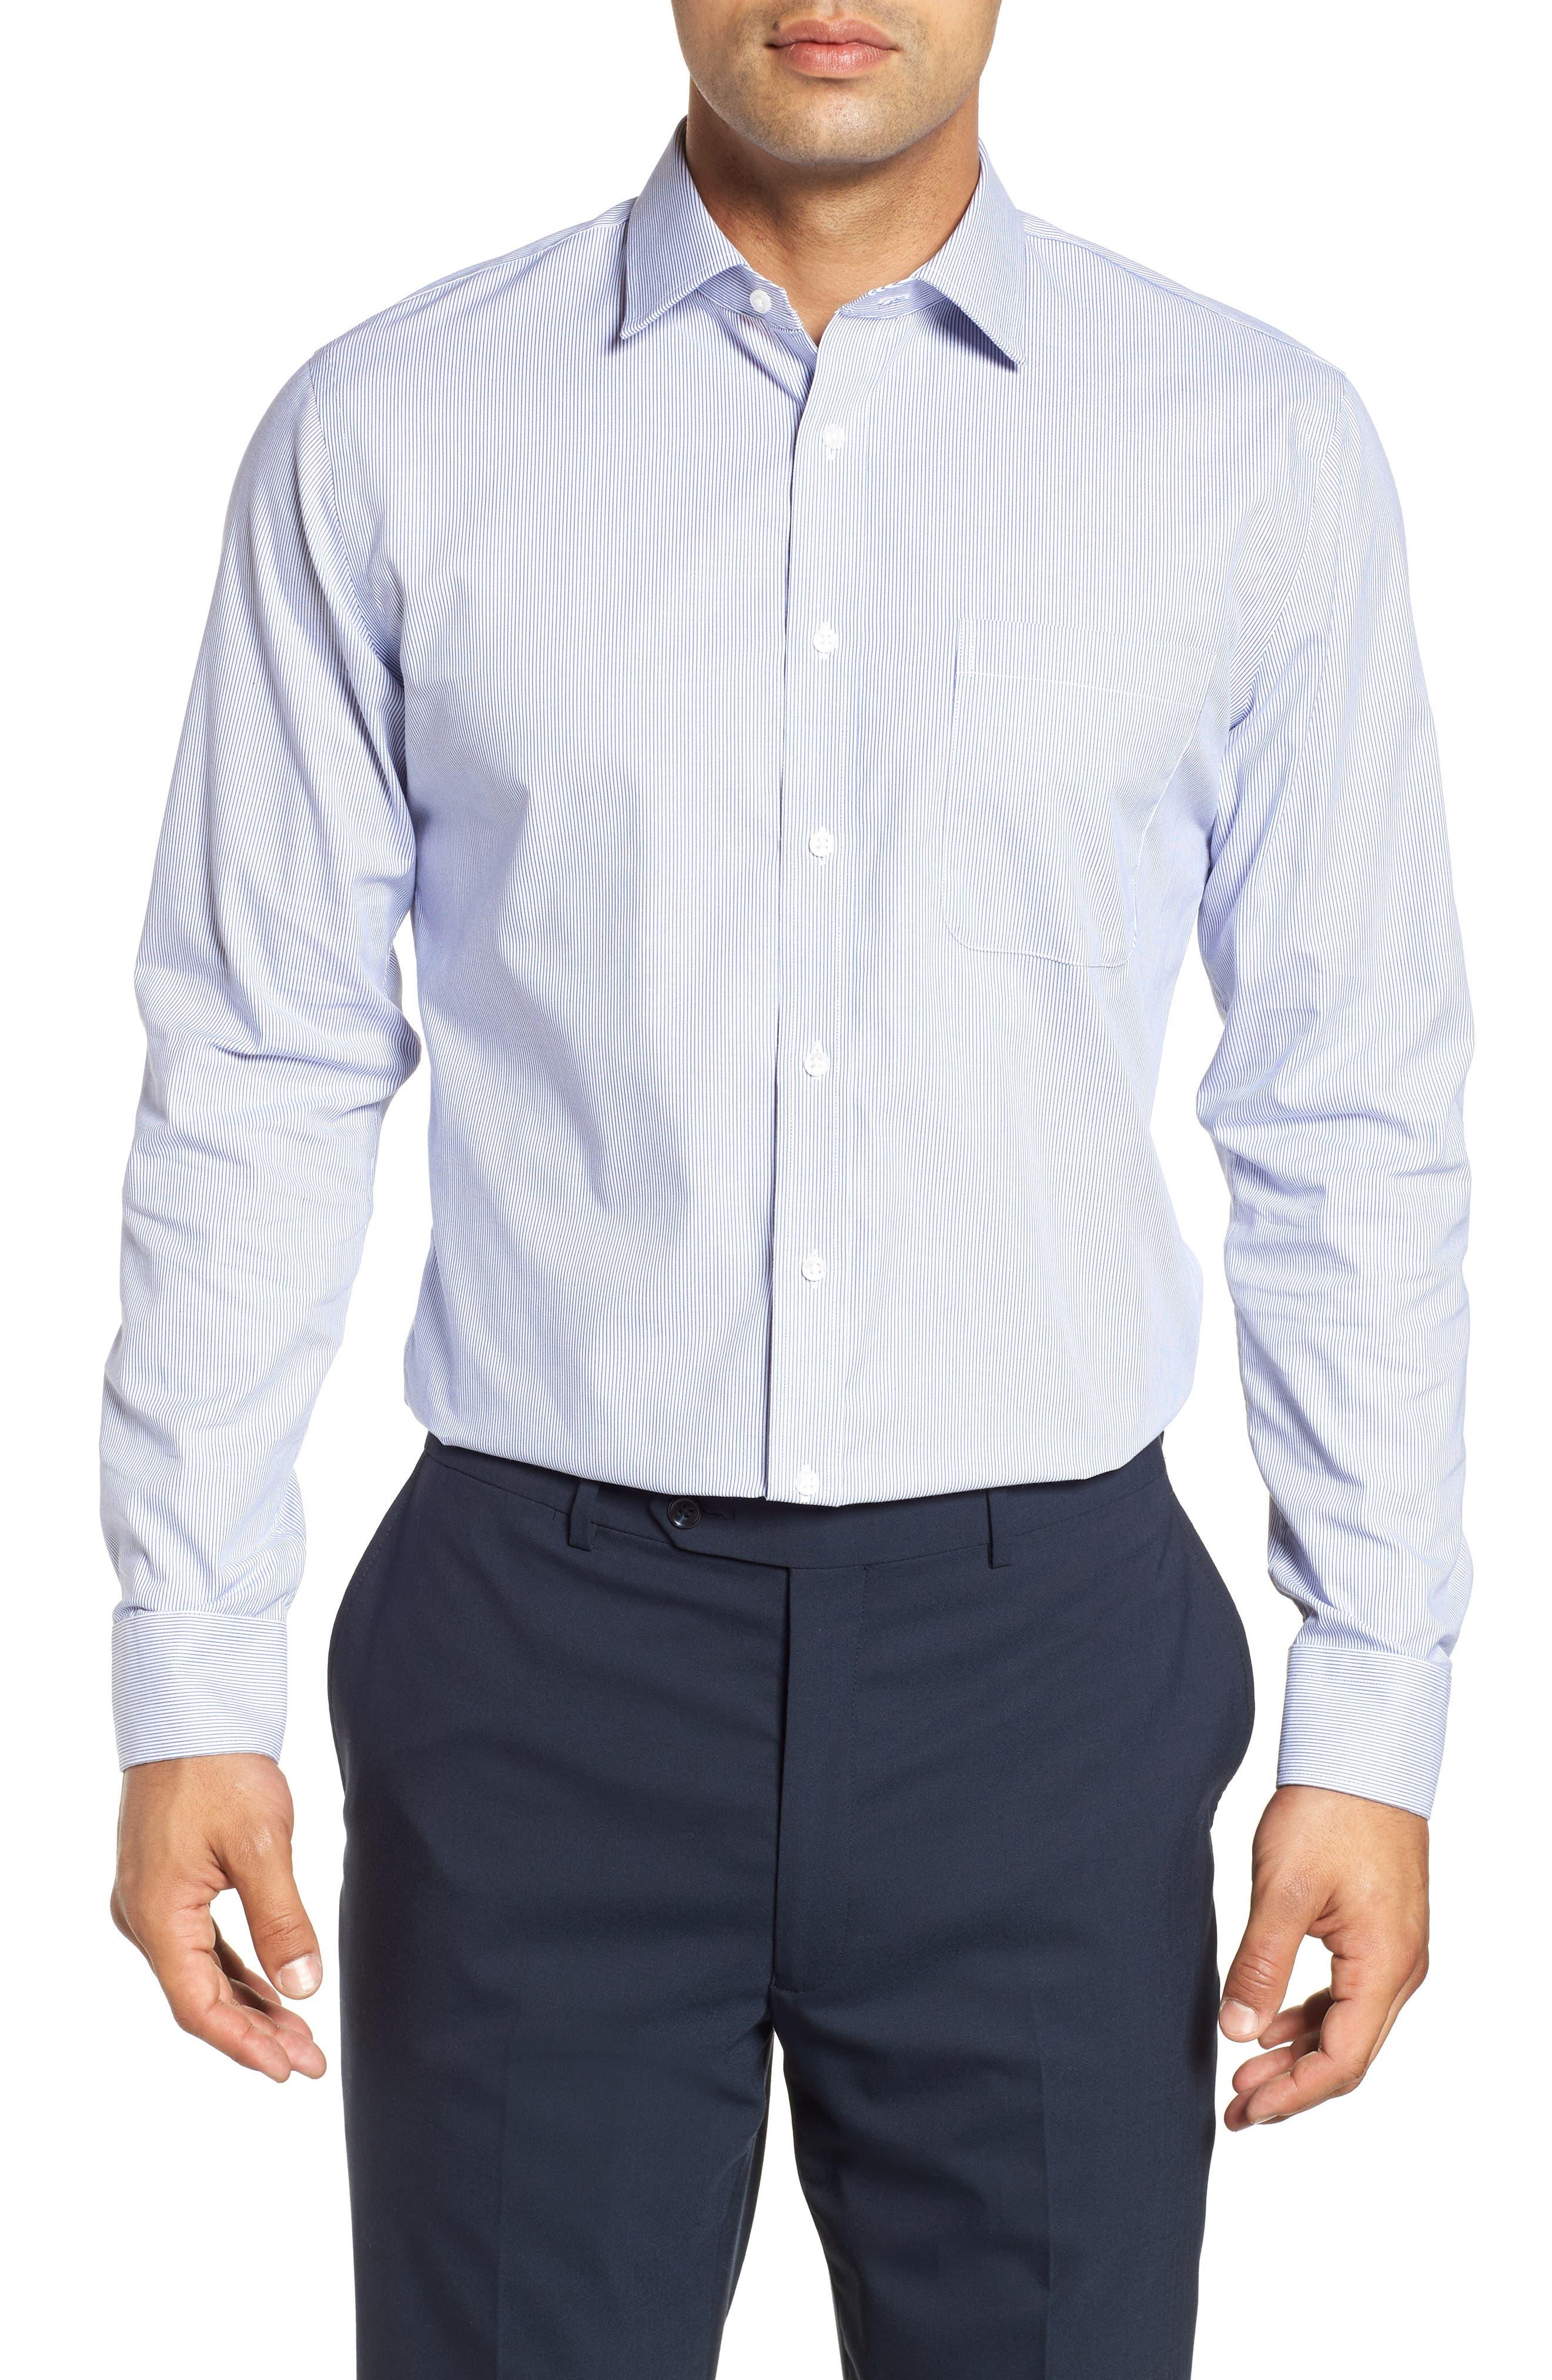 NORDSTROM MEN'S SHOP Trim Fit Non-Iron Stripe Dress Shirt, Main, color, NAVY PATRIOT